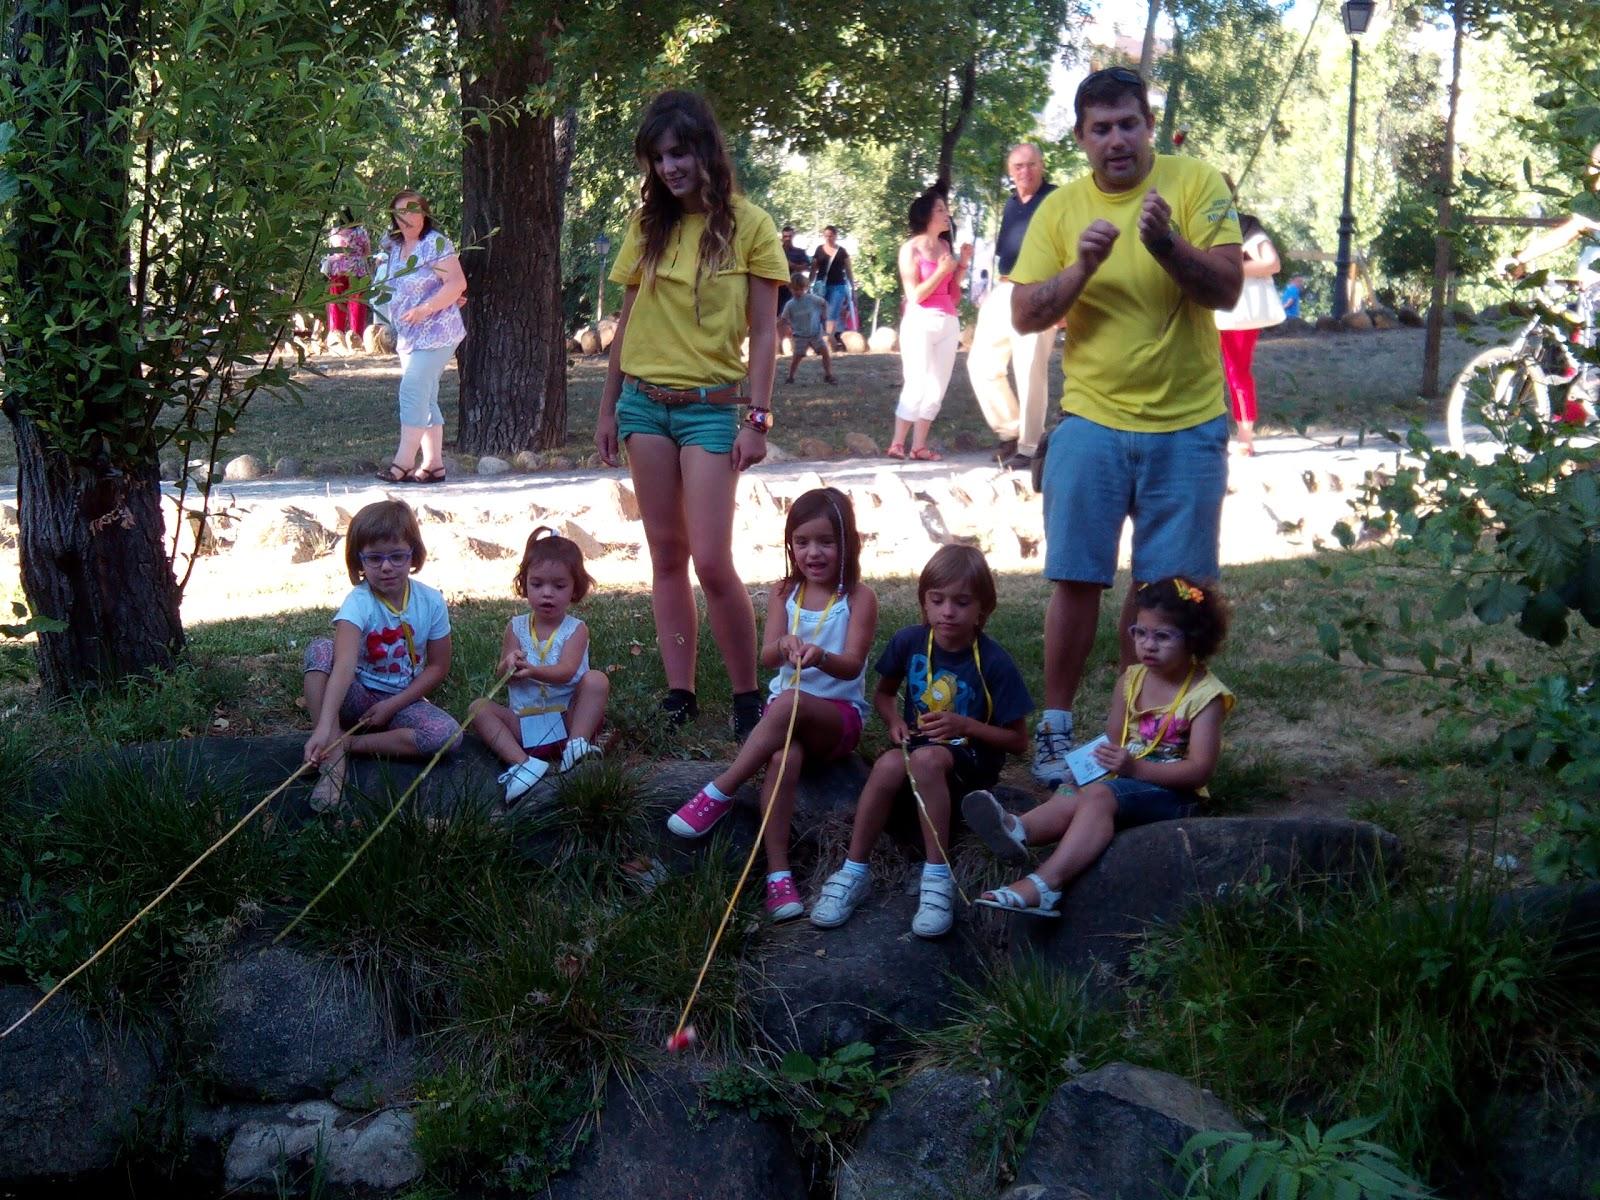 Miembrosde viking sport ocio  juntoa los niños participantes